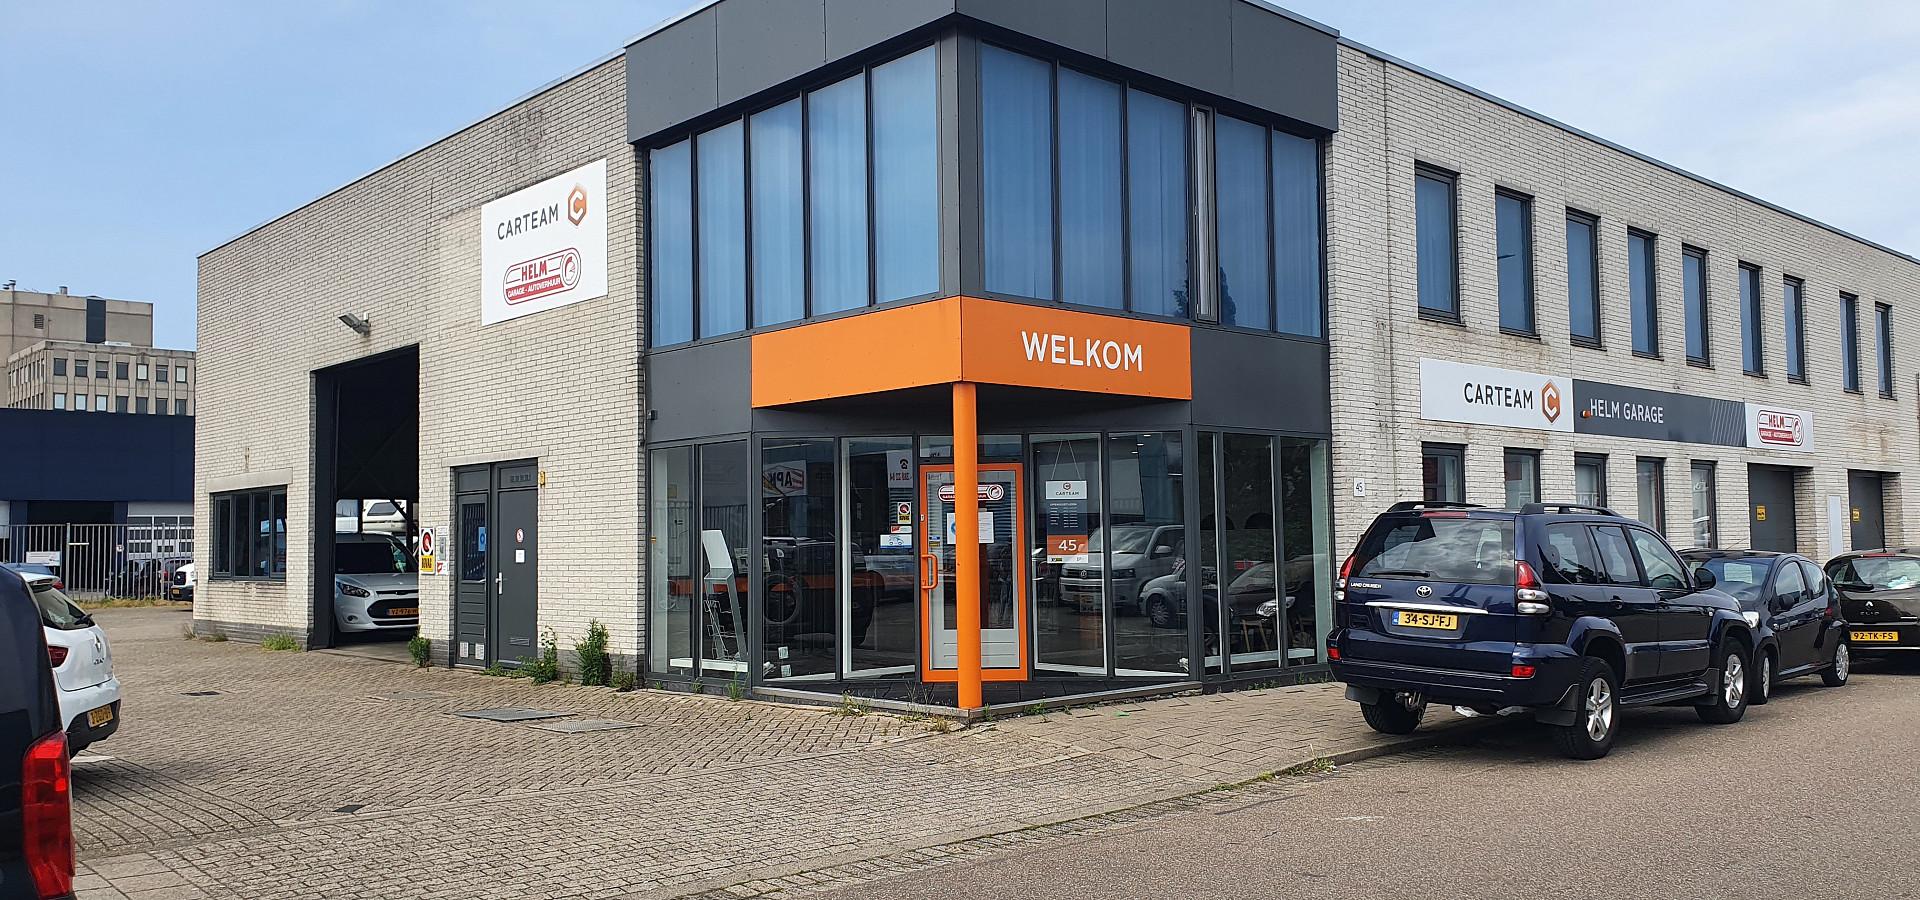 Carteam Helm Garage